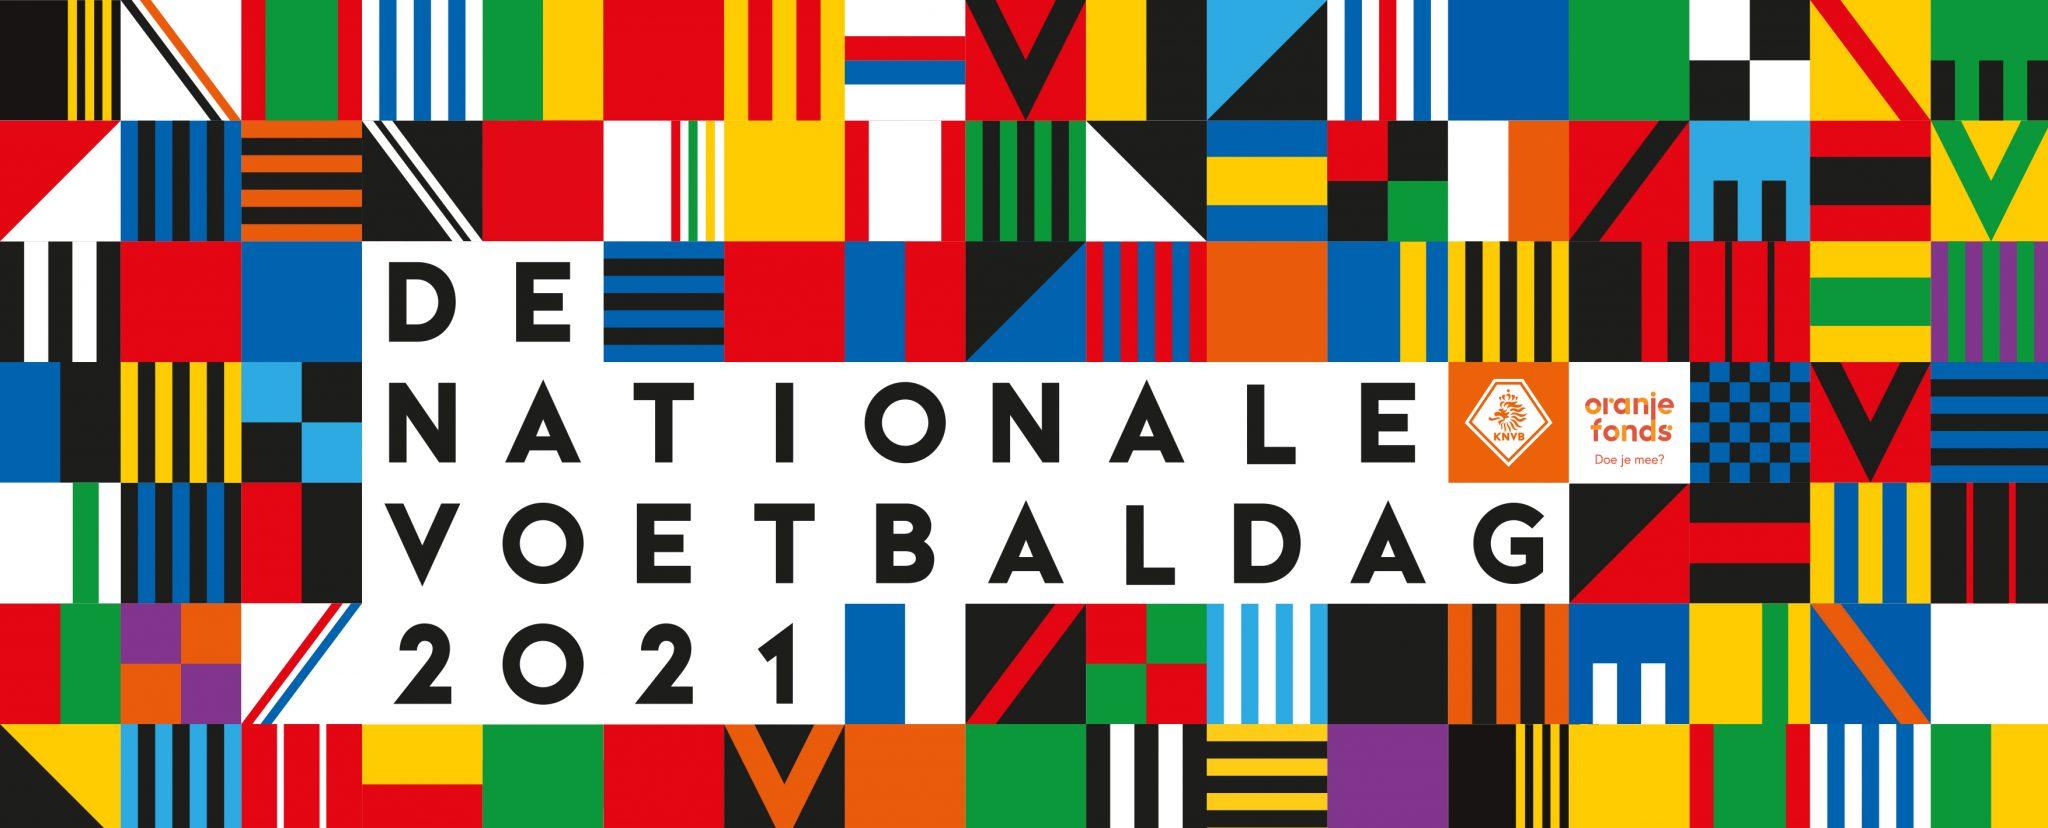 Nationale Voetbaldag 12 juni 2021